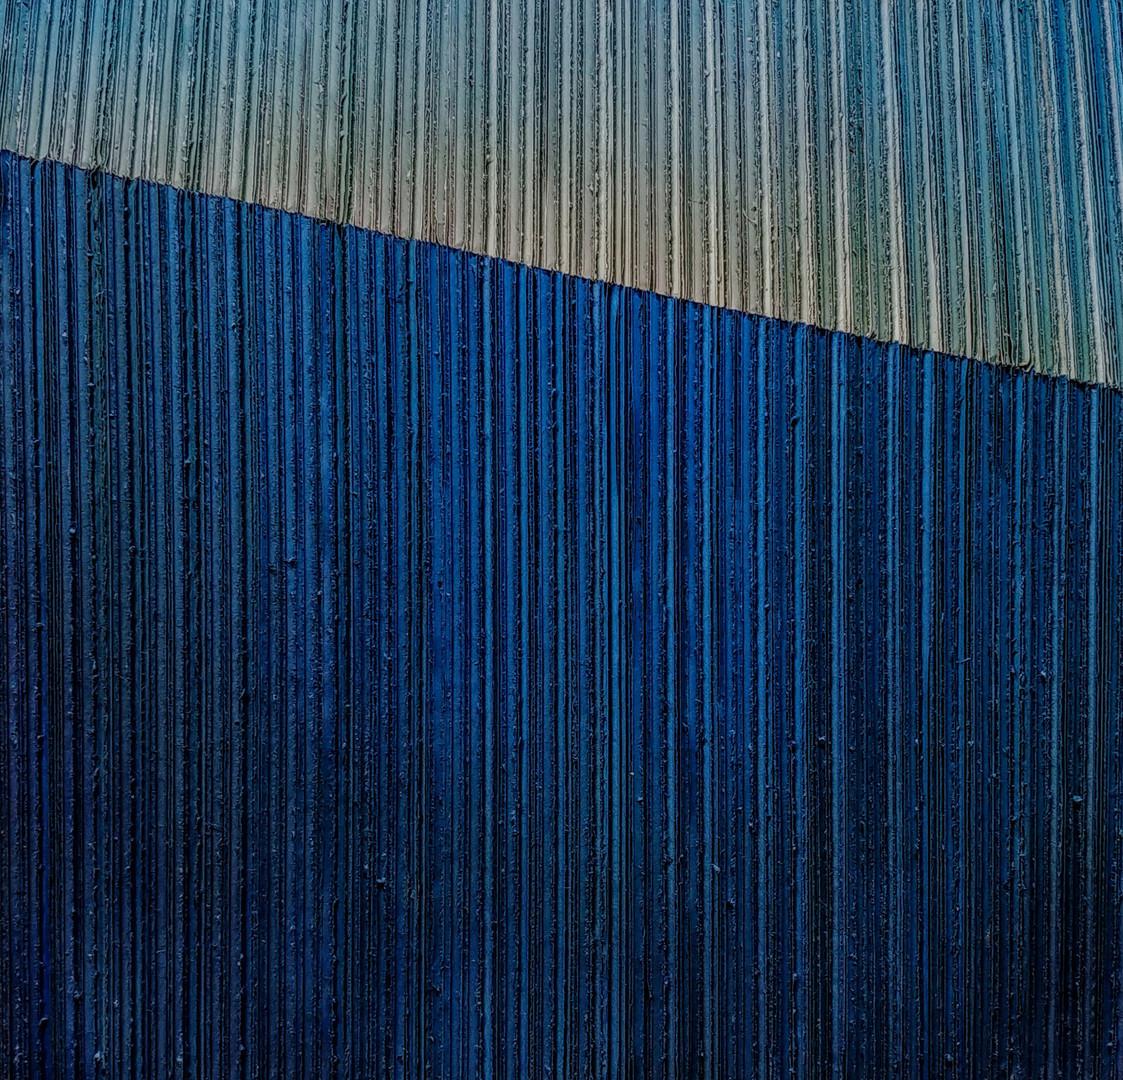 kim wan. edge- touch the blues 2018. 40X